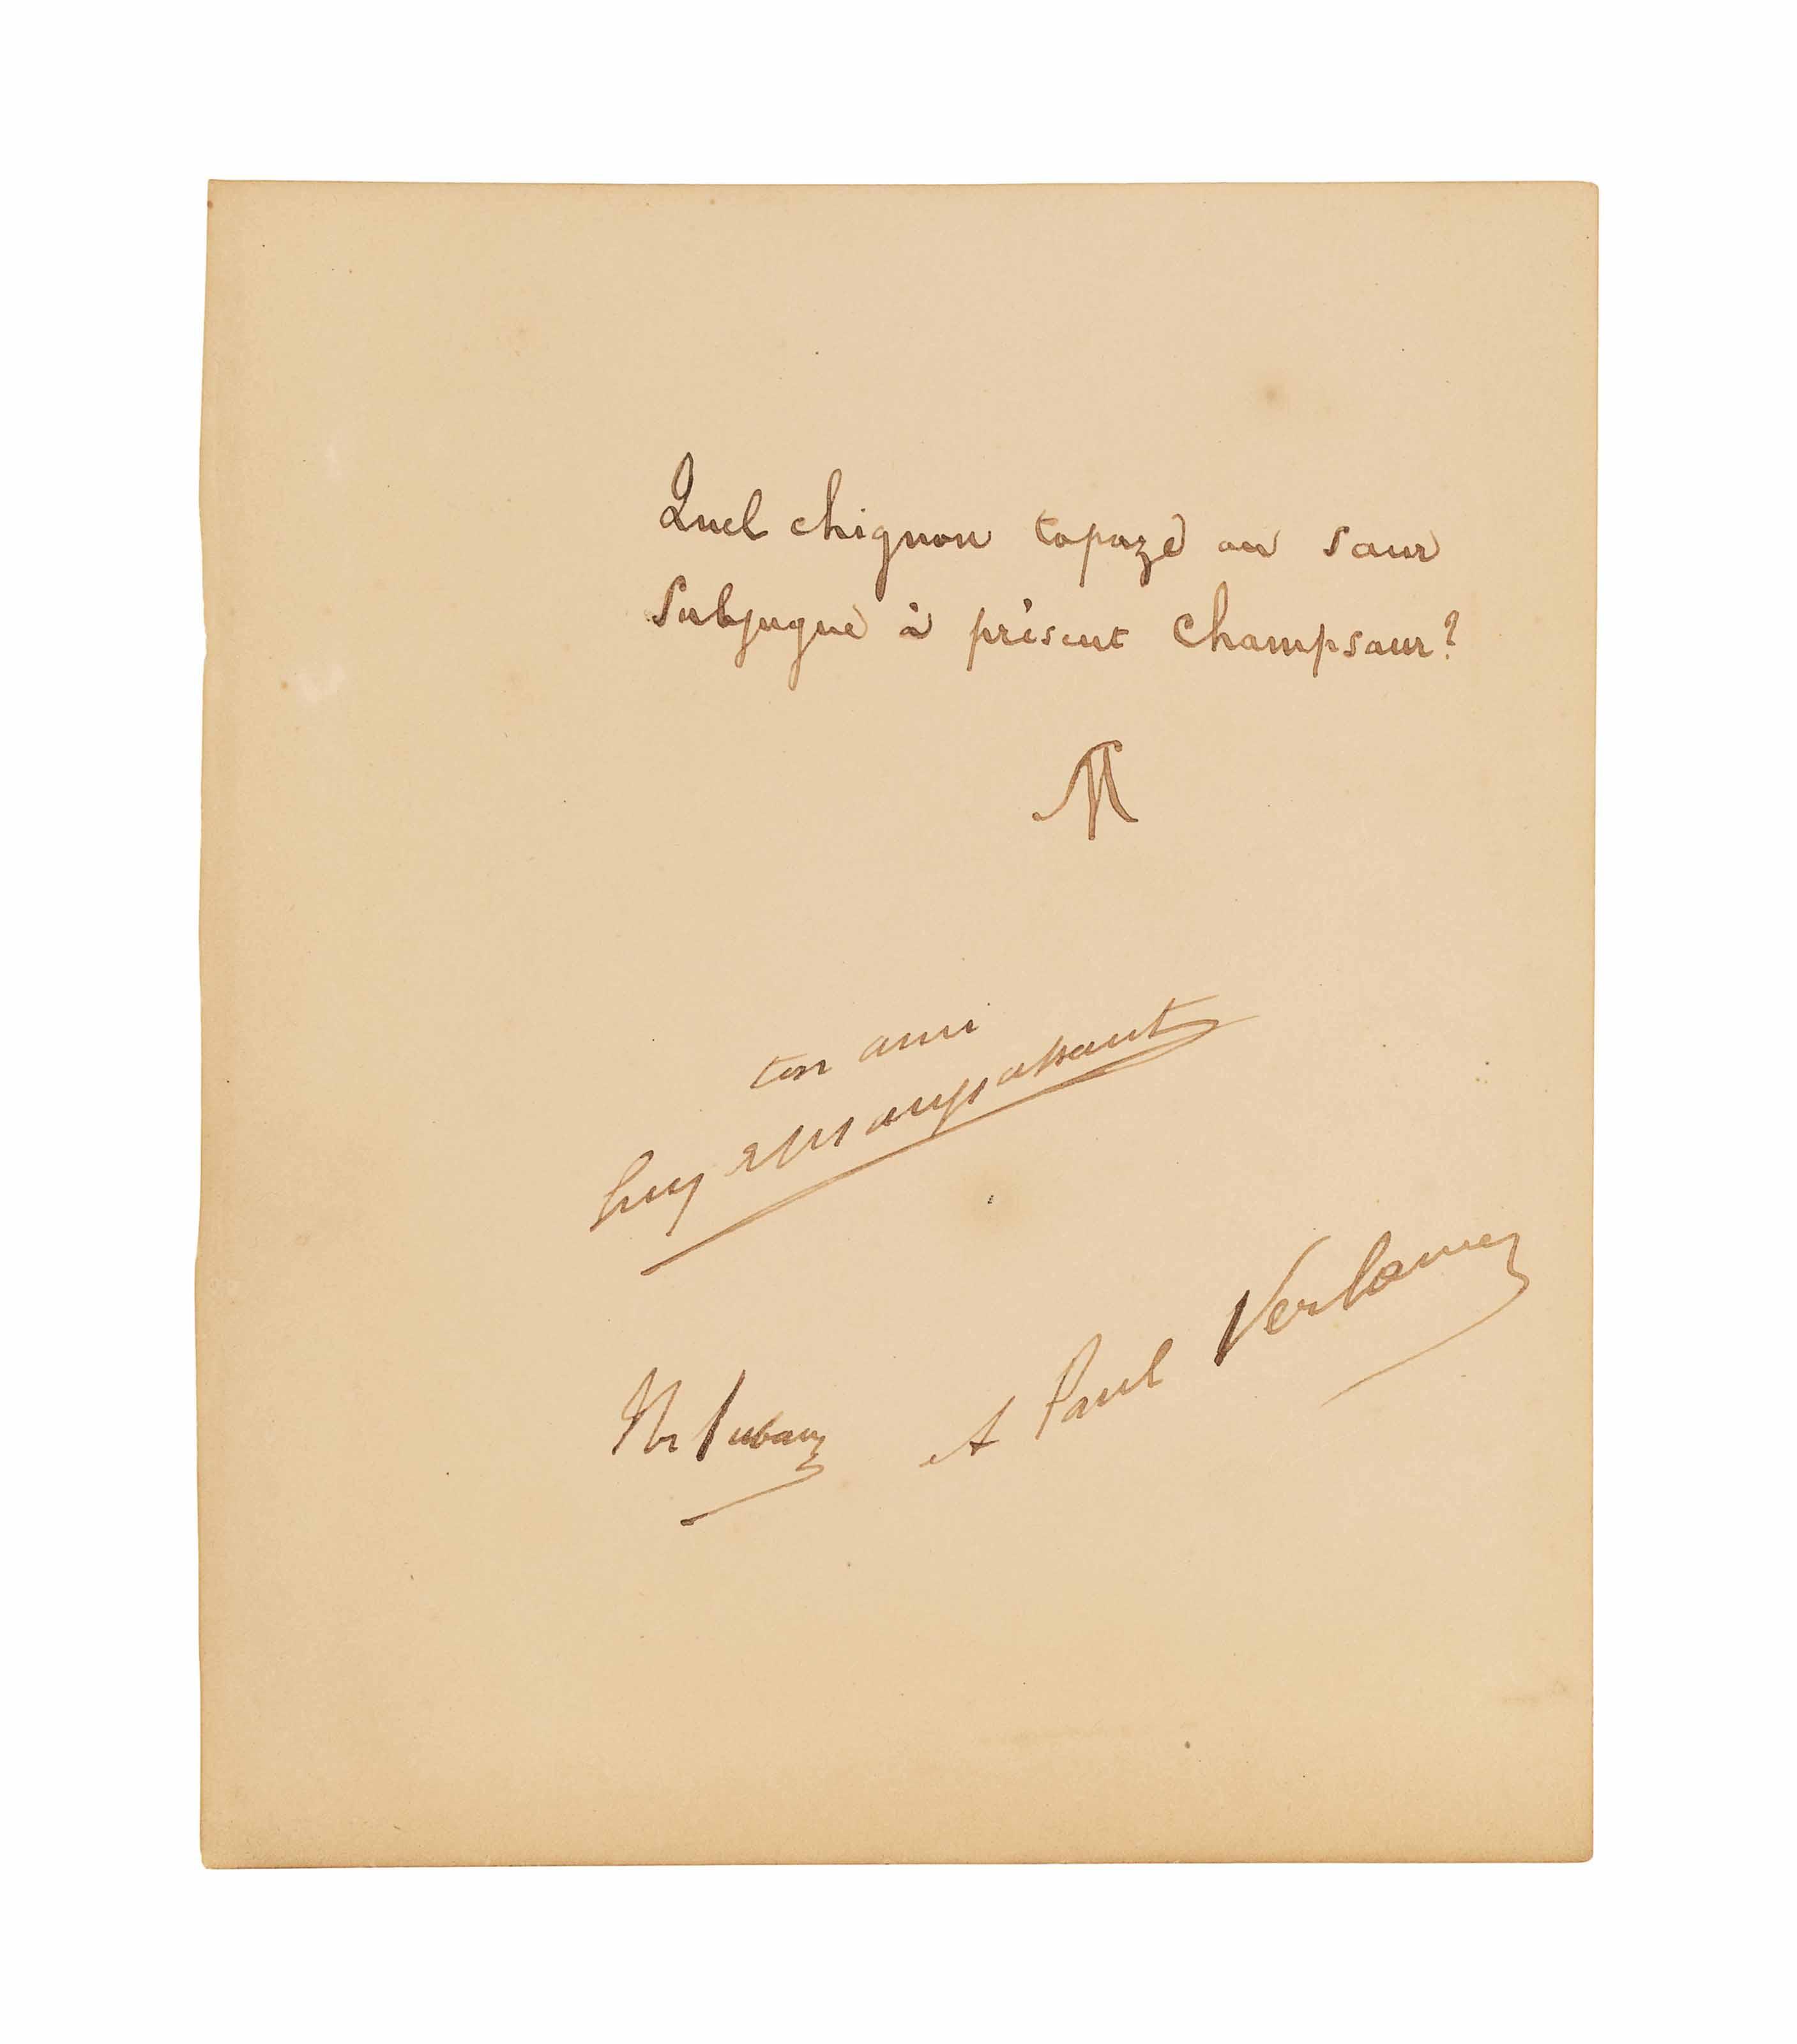 Stéphane MALLARMÉ. Distique autographe signé de son monogramme et contresigné par Guy de Maupassant, Théodore Aubanel et Paul Verlaine. [Paris: vers 1890 (pas après)]. Une page sur un feuillet petit in-4 de papier vélin crème (195 x 160 m).